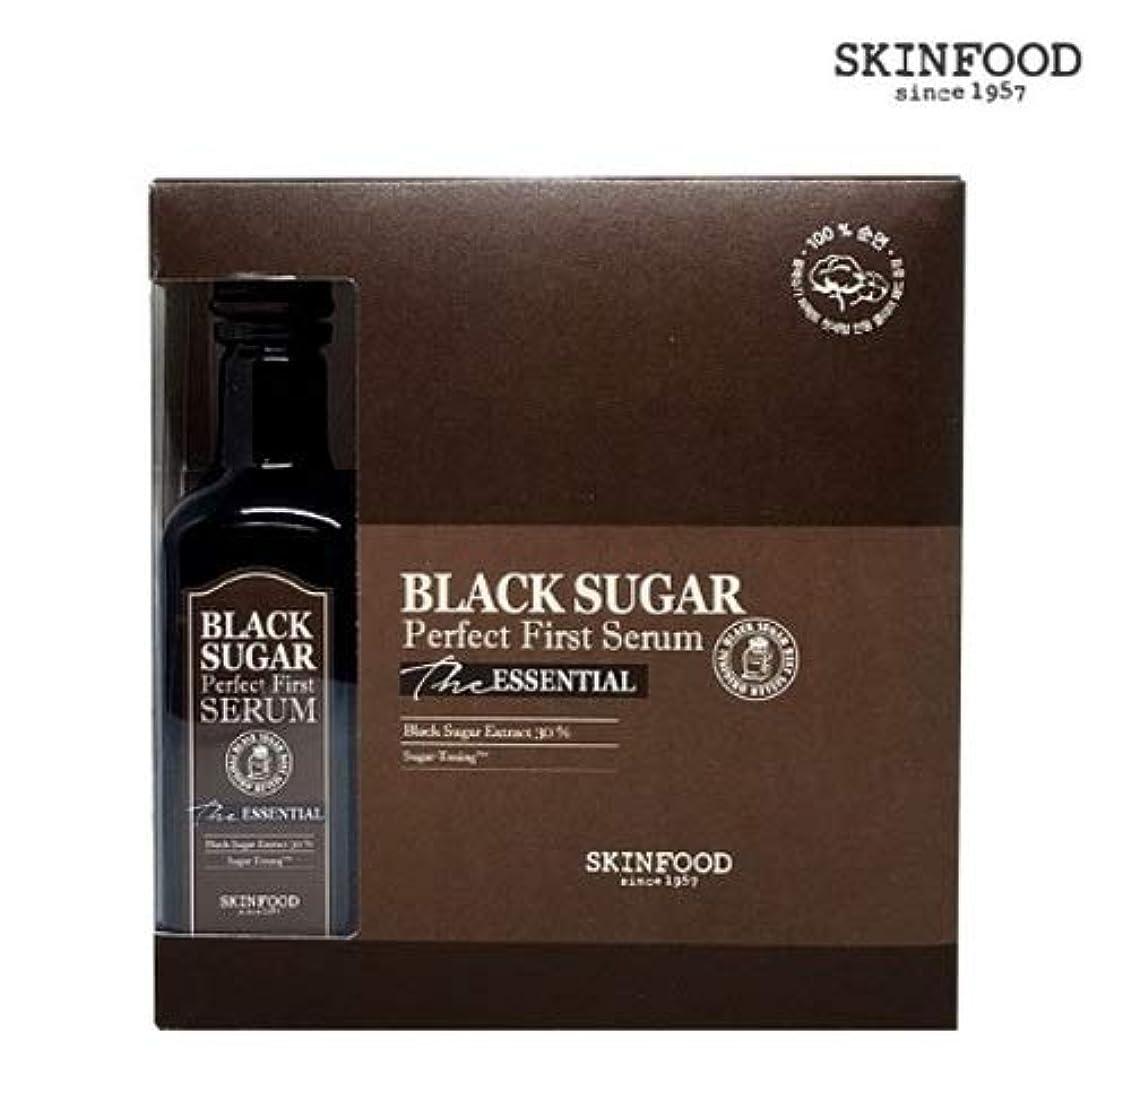 ひねくれたペナルティ権限Skin foodスキンフードブラックシュガーパーフェクト最初血清 (専用化粧綿60枚を含む)